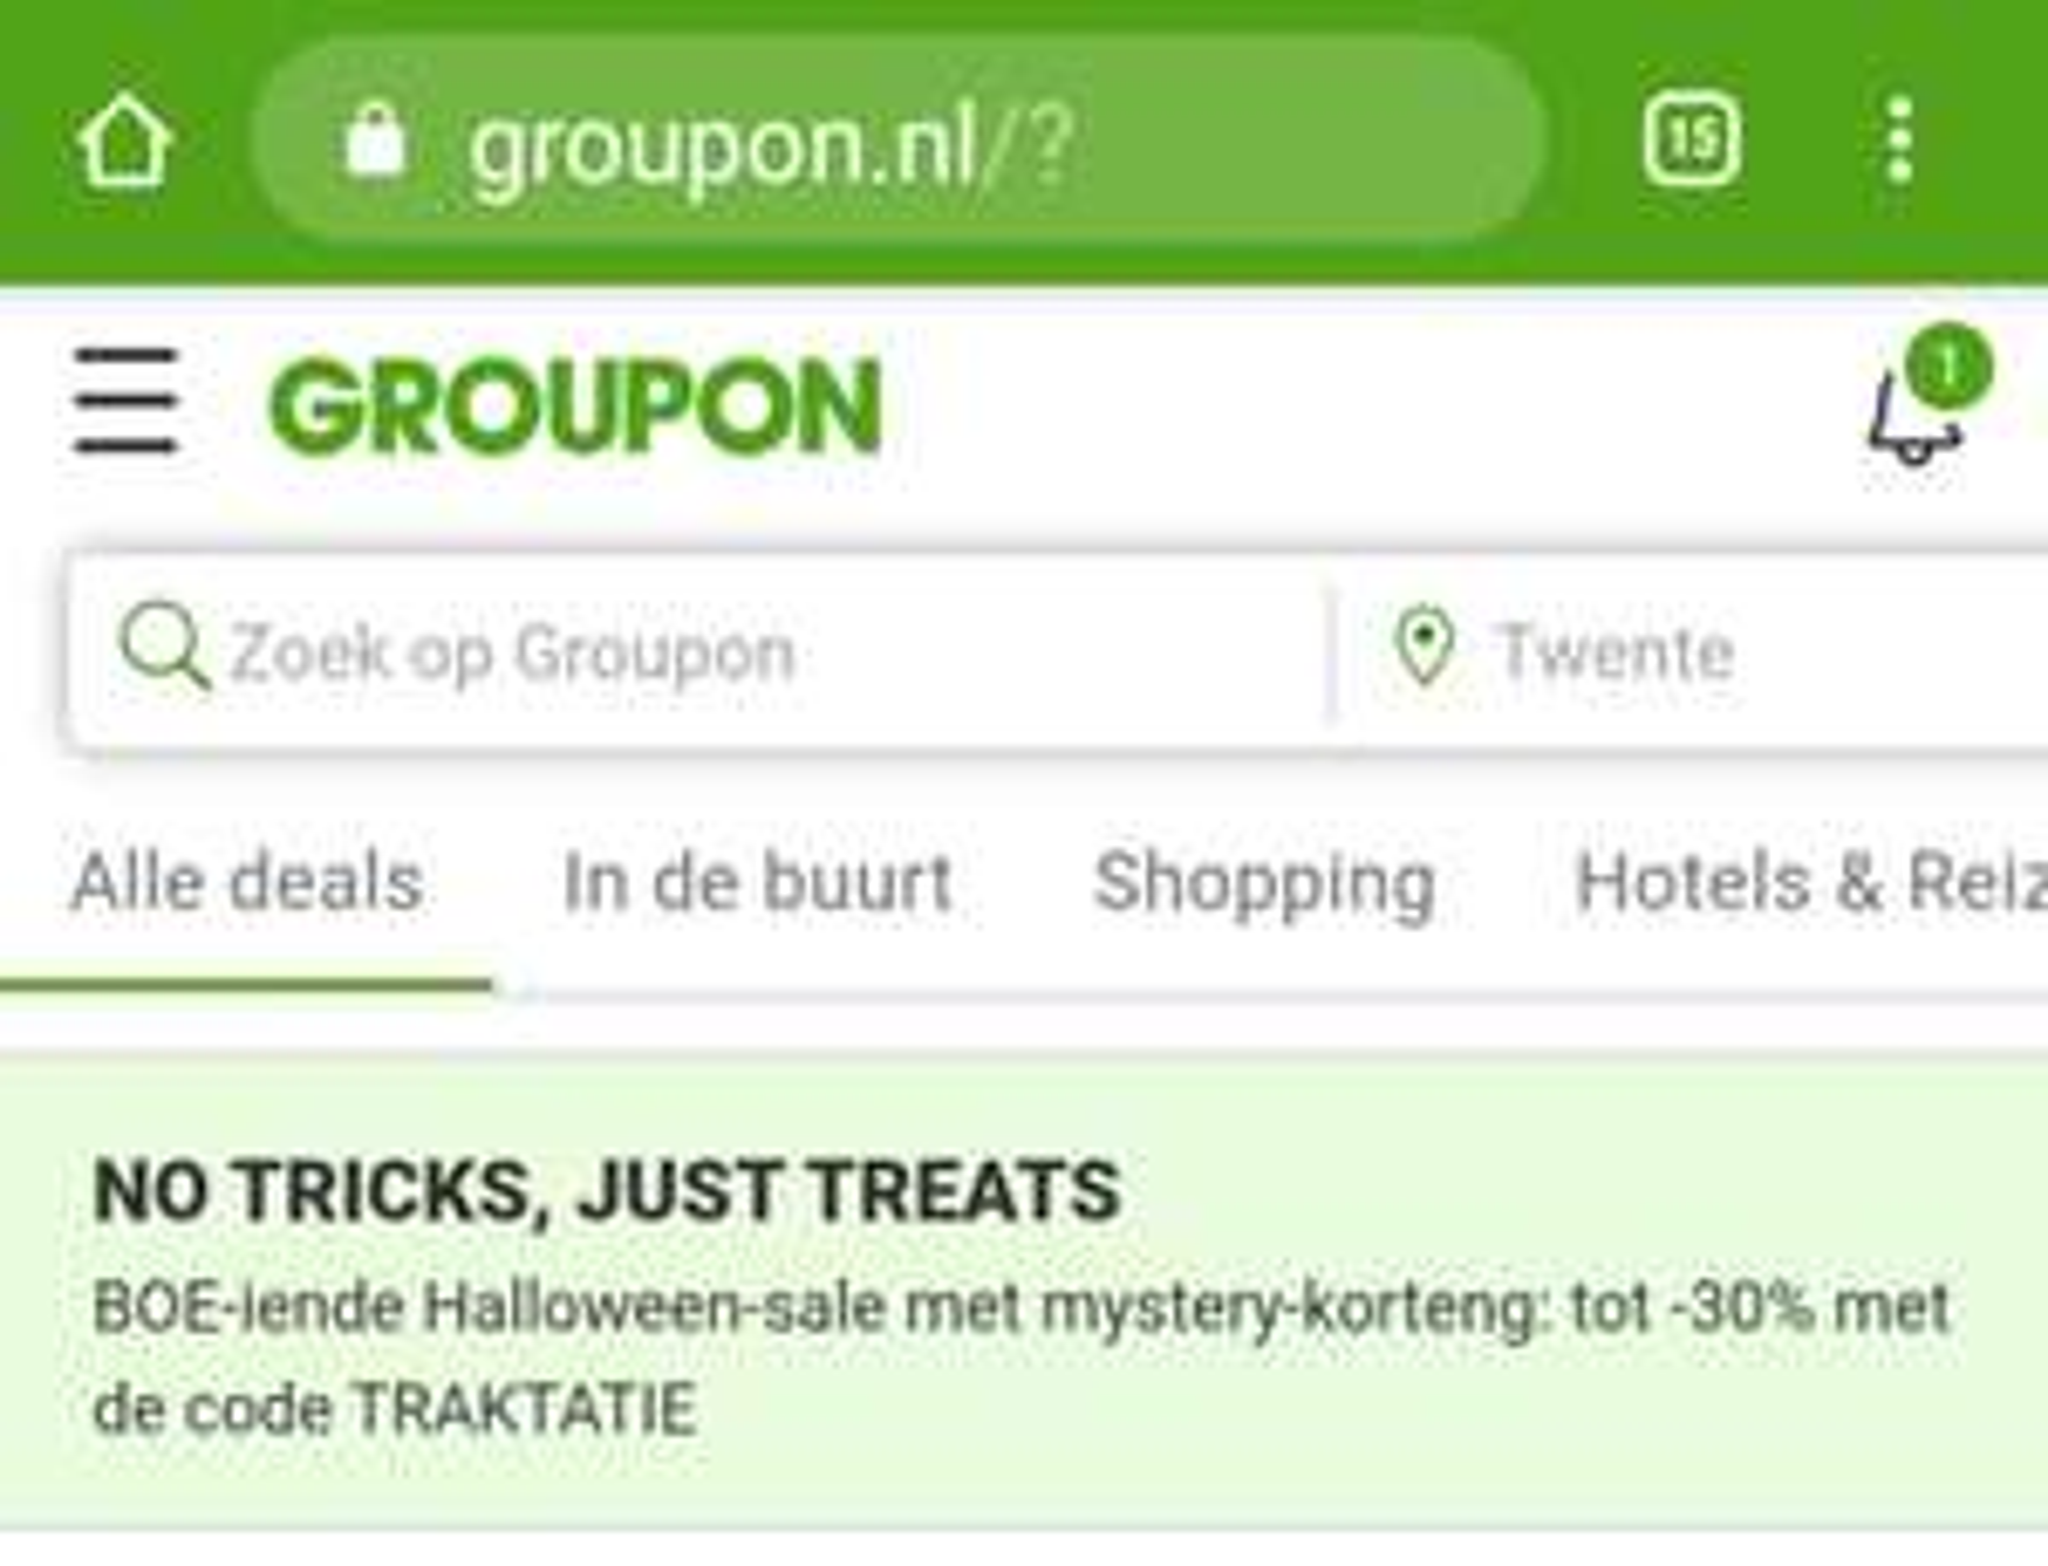 Groupon, BOE-iende Halloween-sale met mystery-korteng: tot -30% met de code TRAKTATIE